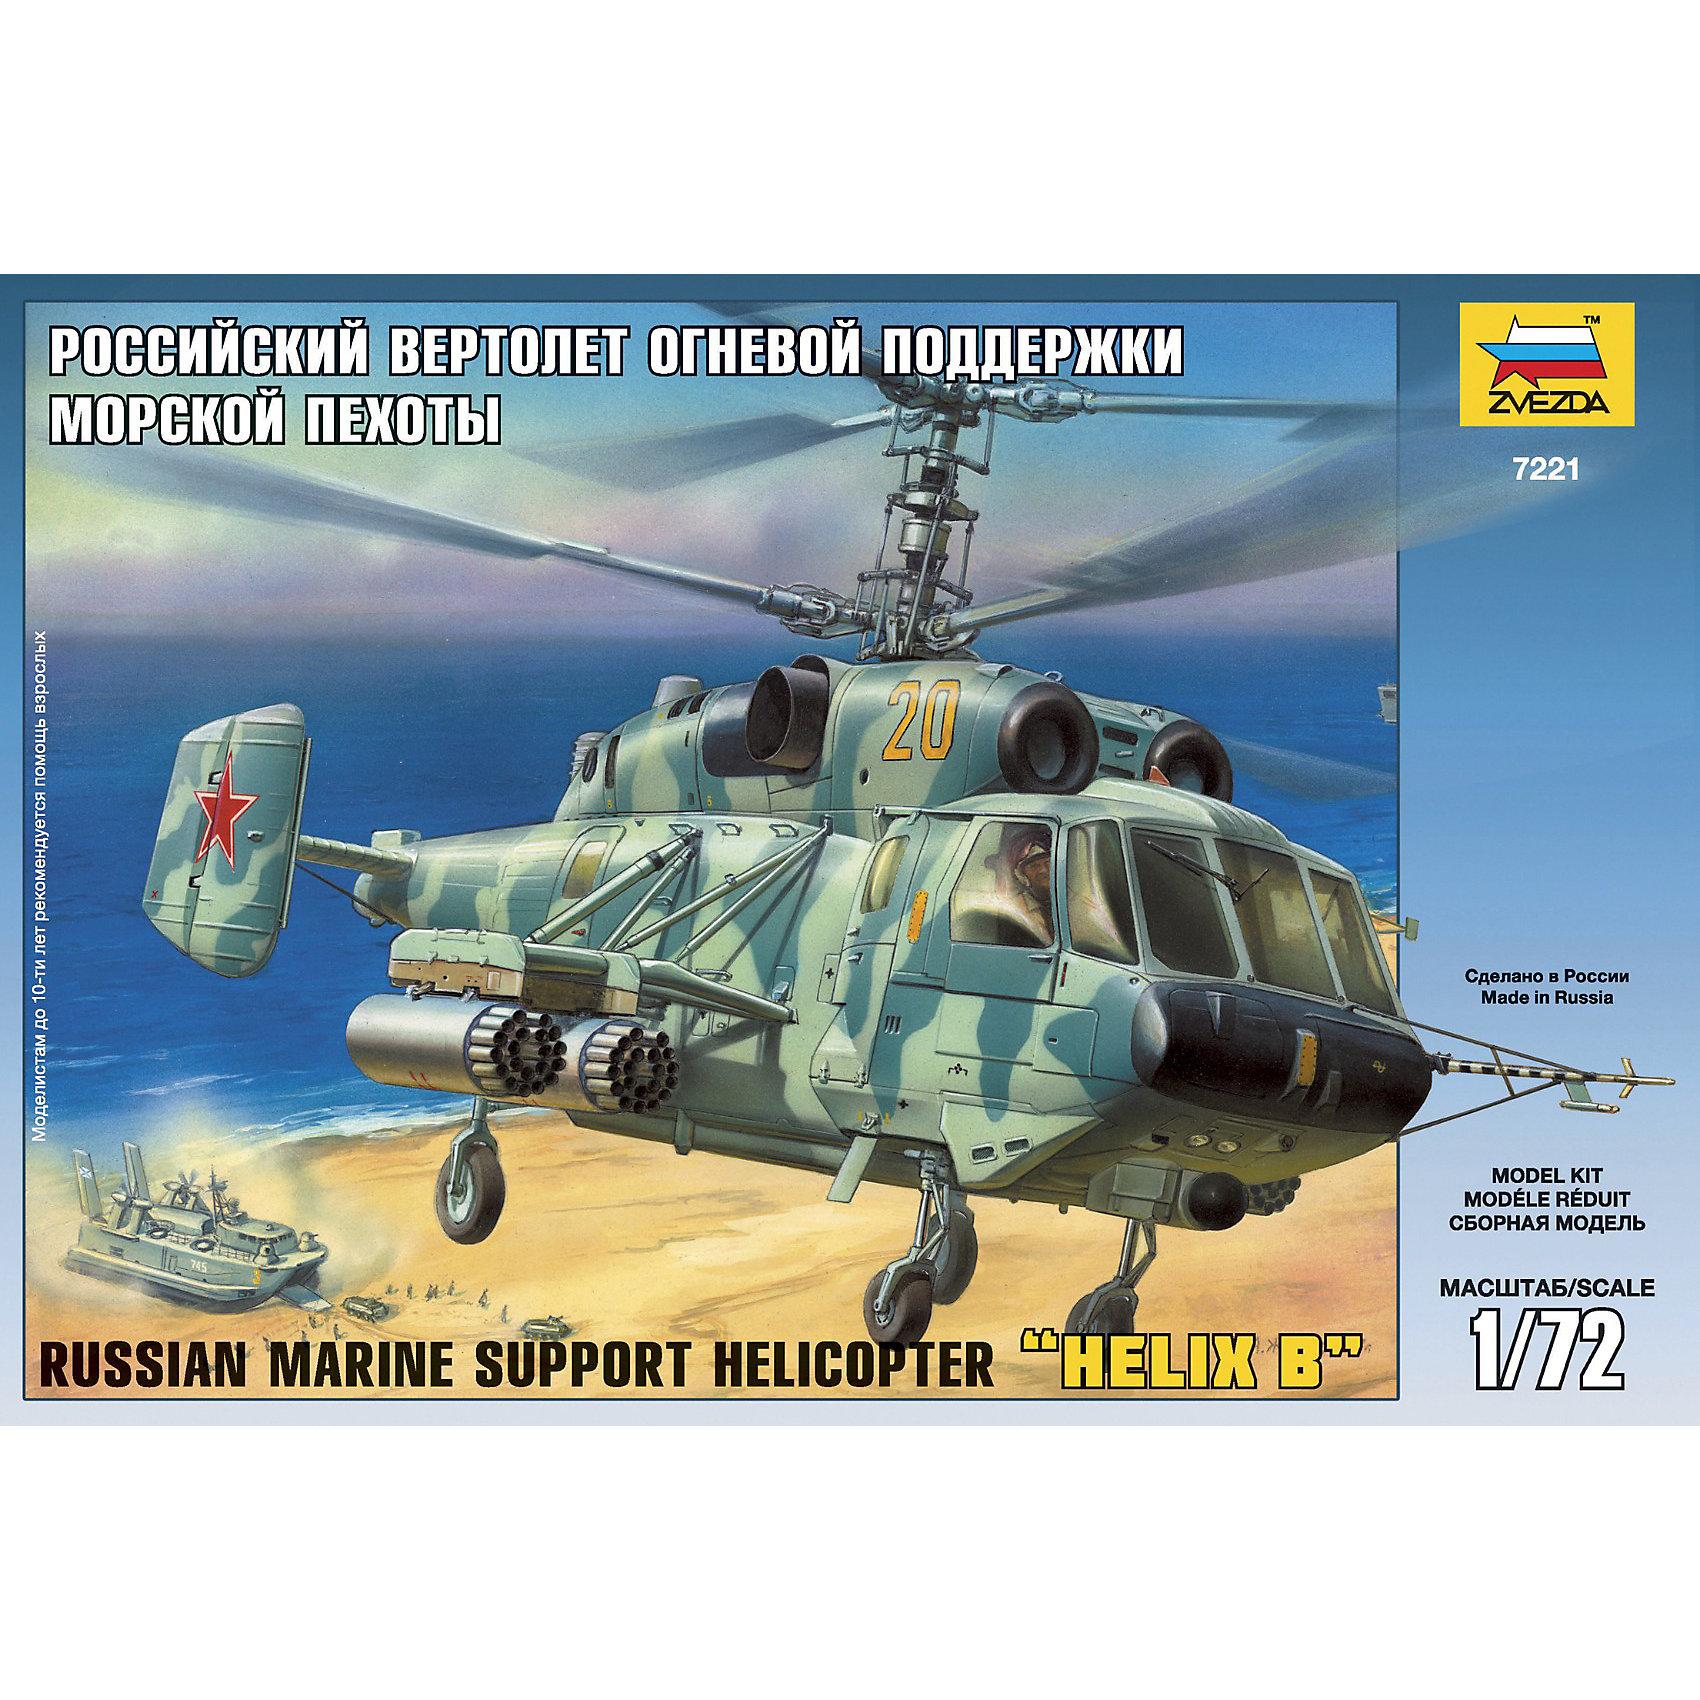 Сборная модель вертолета Ка-29, ЗвездаСборная модель вертолета Ка-29, Звезда – модель вертолета «Ка-29», созданного в 70-х годах в КБ им. Камова для нужд флота. Вертолет предназначался как для огневой поддержки наступающей морской пехоты, так и для перевозки взвода пехоты или для эвакуации 12 раненых на носилках.<br><br>Данный набор деталей предназначен для сборки одной модели вертолета в масштабе 1/72. Набор собирается при помощи клея, затем модель можно раскрасить. Клей и краски в набор не входят и продаются отдельно. Подробная инструкция обеспечит точность и правильность сборки. Ответственная миссия предстоит будущему пилоту собрать свой первый вертолет своими руками!<br><br>Особенности:<br>-Количество деталей: 109 шт.<br>-Качество изготовления наивысшее<br>-Идеально подходит для подарка<br>-Прививает практические навыки работы со схемами и чертежами<br>-Развивает интеллектуальные способности, воображение и конструктивное мышление, мелкую моторику, усидчивость, внимание<br><br>Дополнительная информация:<br>-Материал: пластик <br>-Размер готовой модели: 17 см<br>-Клей и краски в комплект набора не входят<br>-Комплектация: 109 шт. деталей, инструкция, декаль<br><br>Вертолет станет хорошей игрушкой для ребенка и отличным дополнением к любой коллекции масштабных моделей.<br><br>Сборную модель вертолета Ка-29, Звезда можно купить в нашем магазине.<br><br>Ширина мм: 300<br>Глубина мм: 50<br>Высота мм: 205<br>Вес г: 200<br>Возраст от месяцев: 36<br>Возраст до месяцев: 168<br>Пол: Мужской<br>Возраст: Детский<br>SKU: 3676480